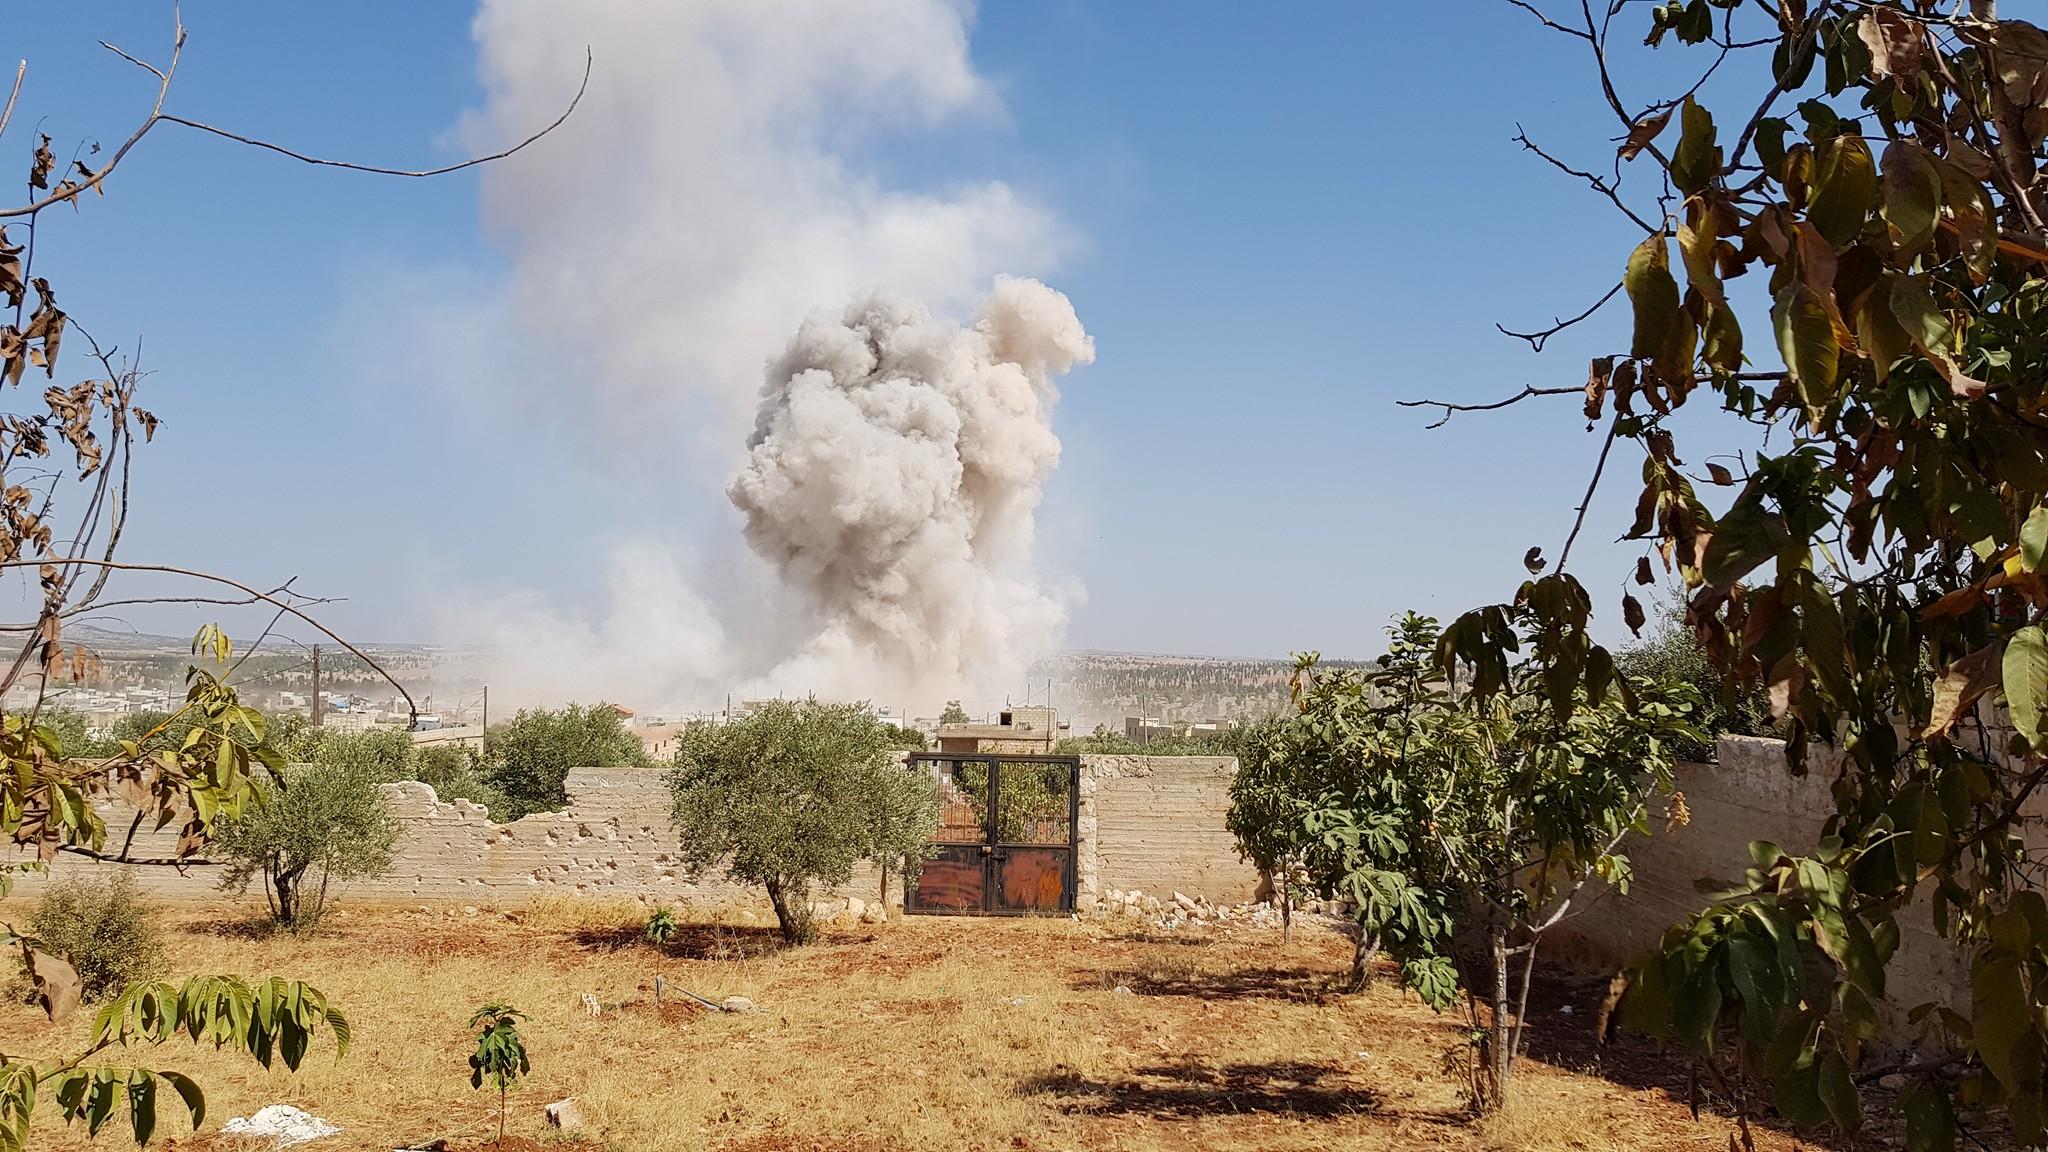 """غارة تستهدف مستشفى """"أورينت"""" في كفرنبل بريف إدلب - 19 أيلول 2017 (فيس بوك)"""